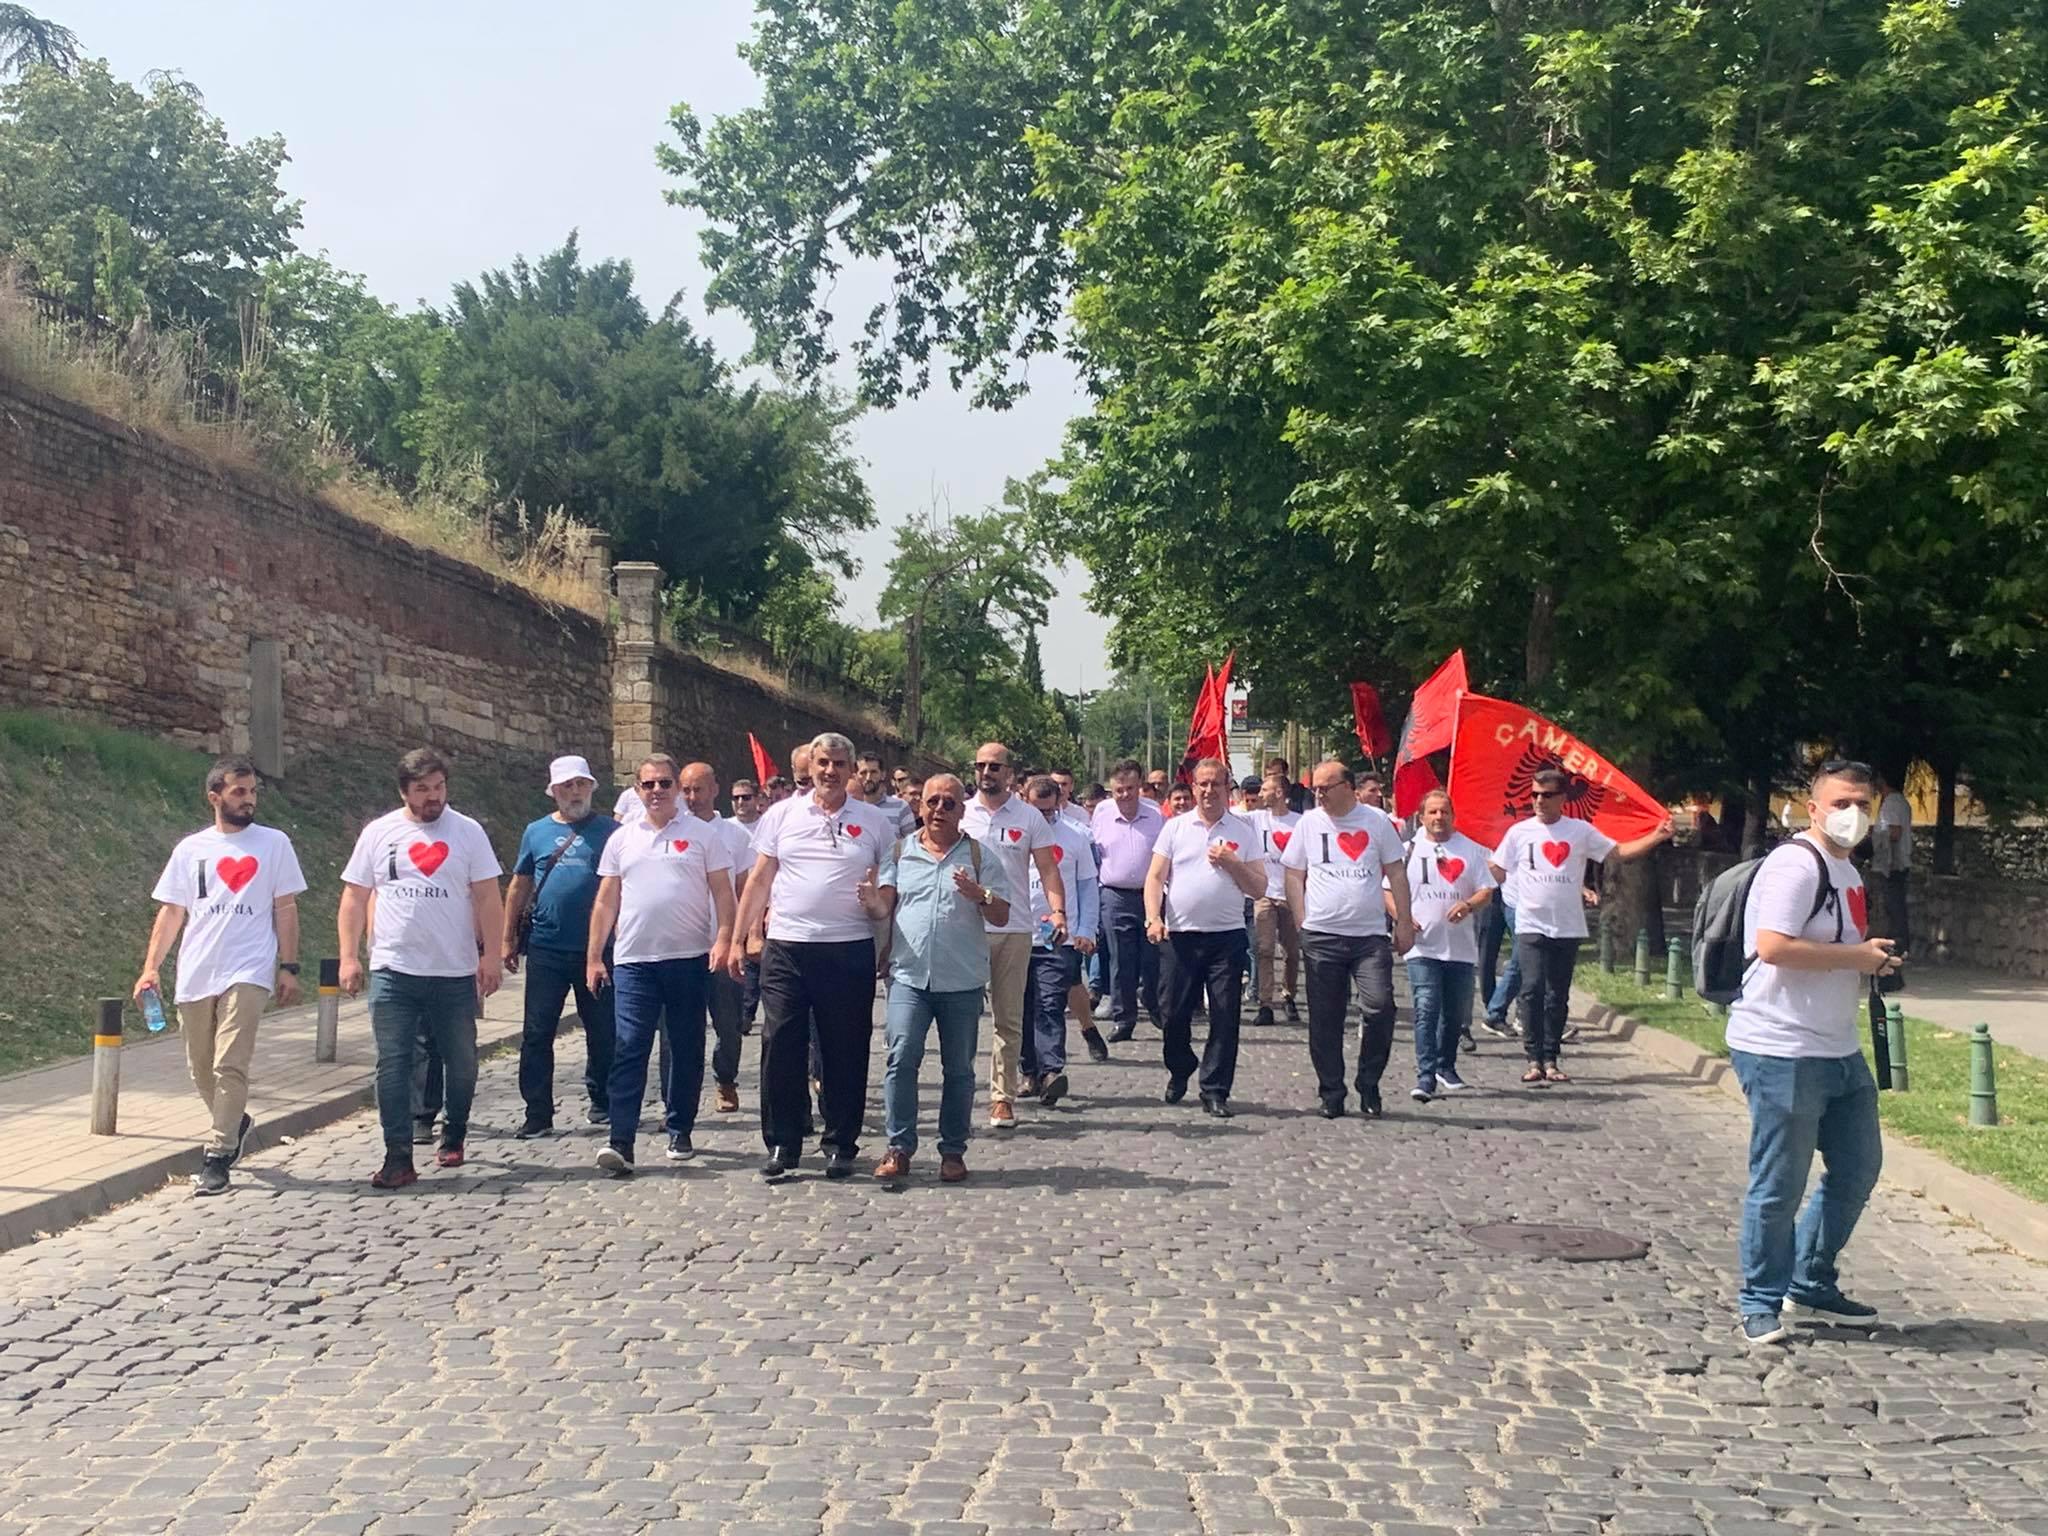 Yunan rejiminin Çameryalı Arnavutlara karşı işlediği soykırım ve ayrımcılık Üsküp'te protesto edildi